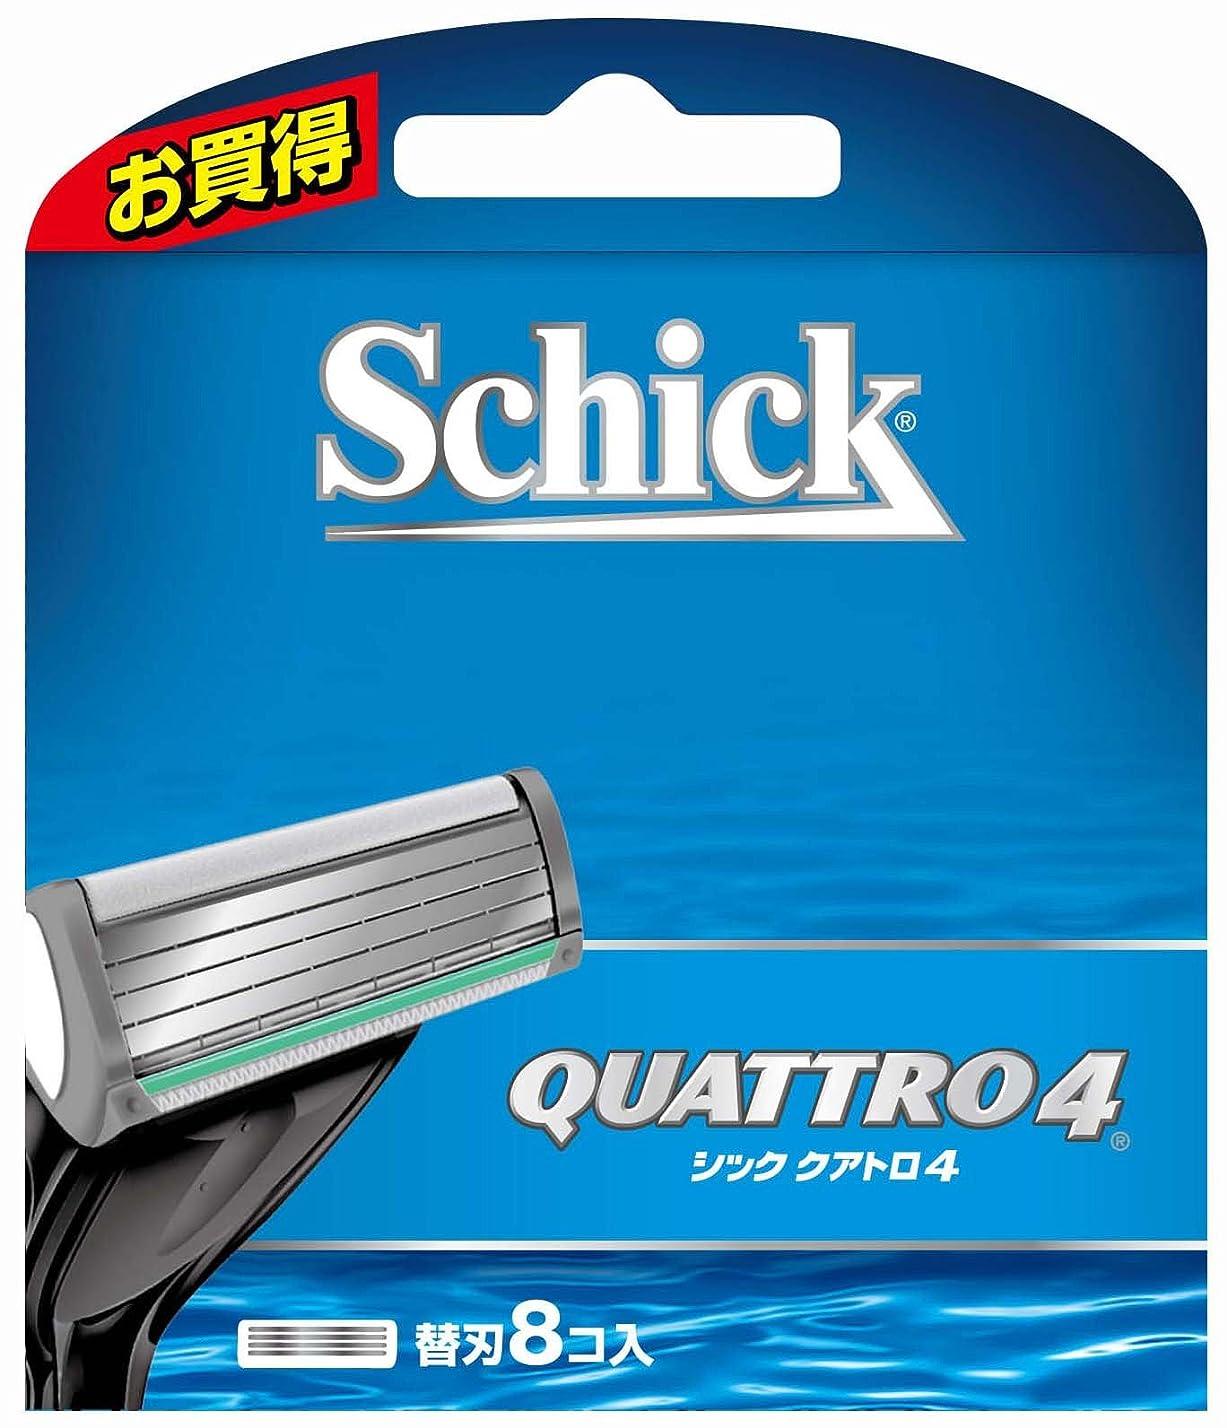 しつけ資料悲惨なシック Schick クアトロ4 4枚刃 替刃 (8コ入)